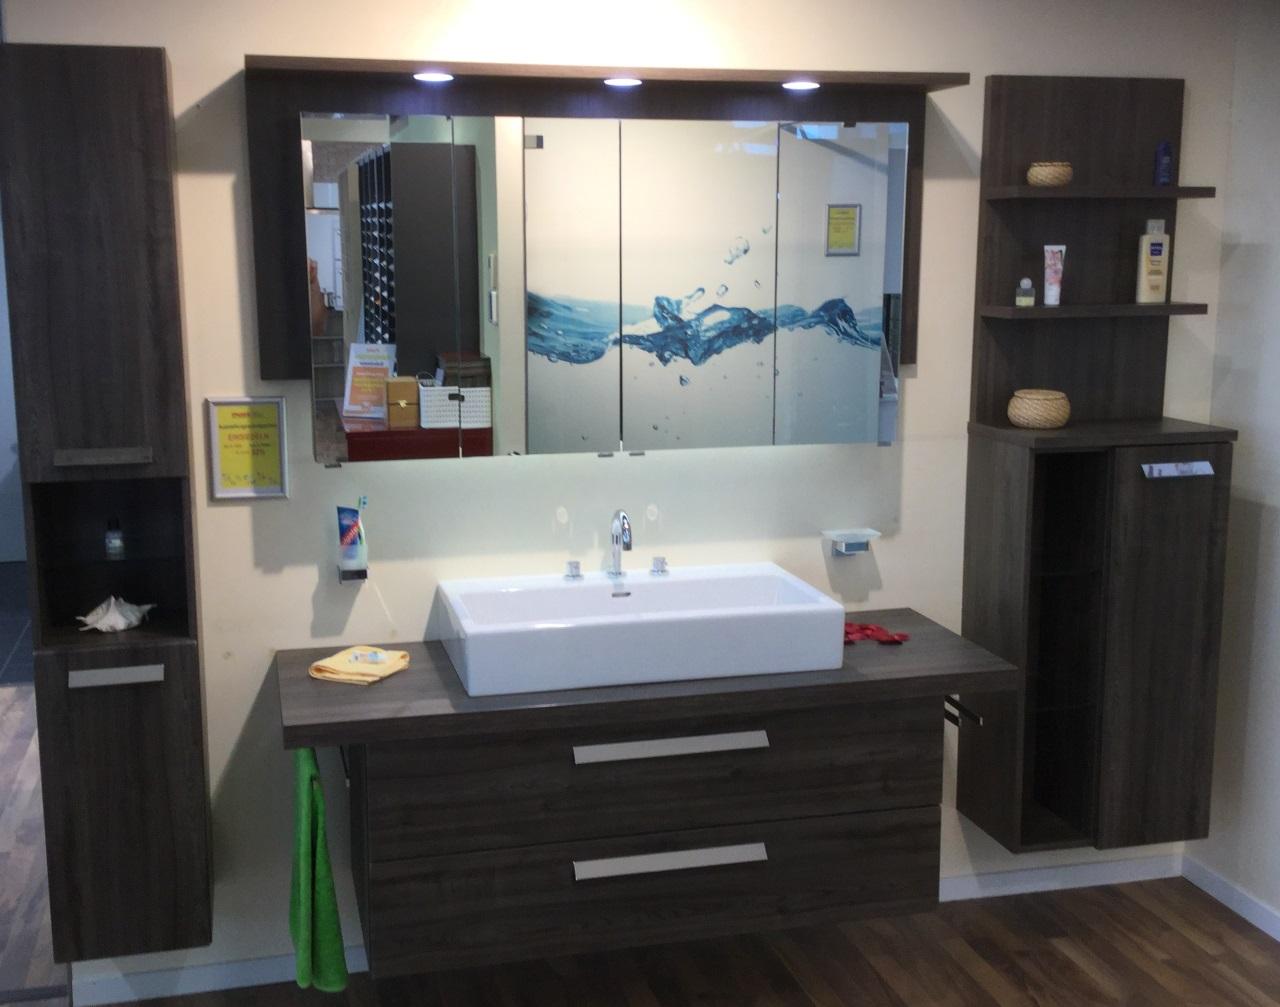 Exposition Salle De Bain Fust ~ einsiedeln bonnes affaires salles de bains